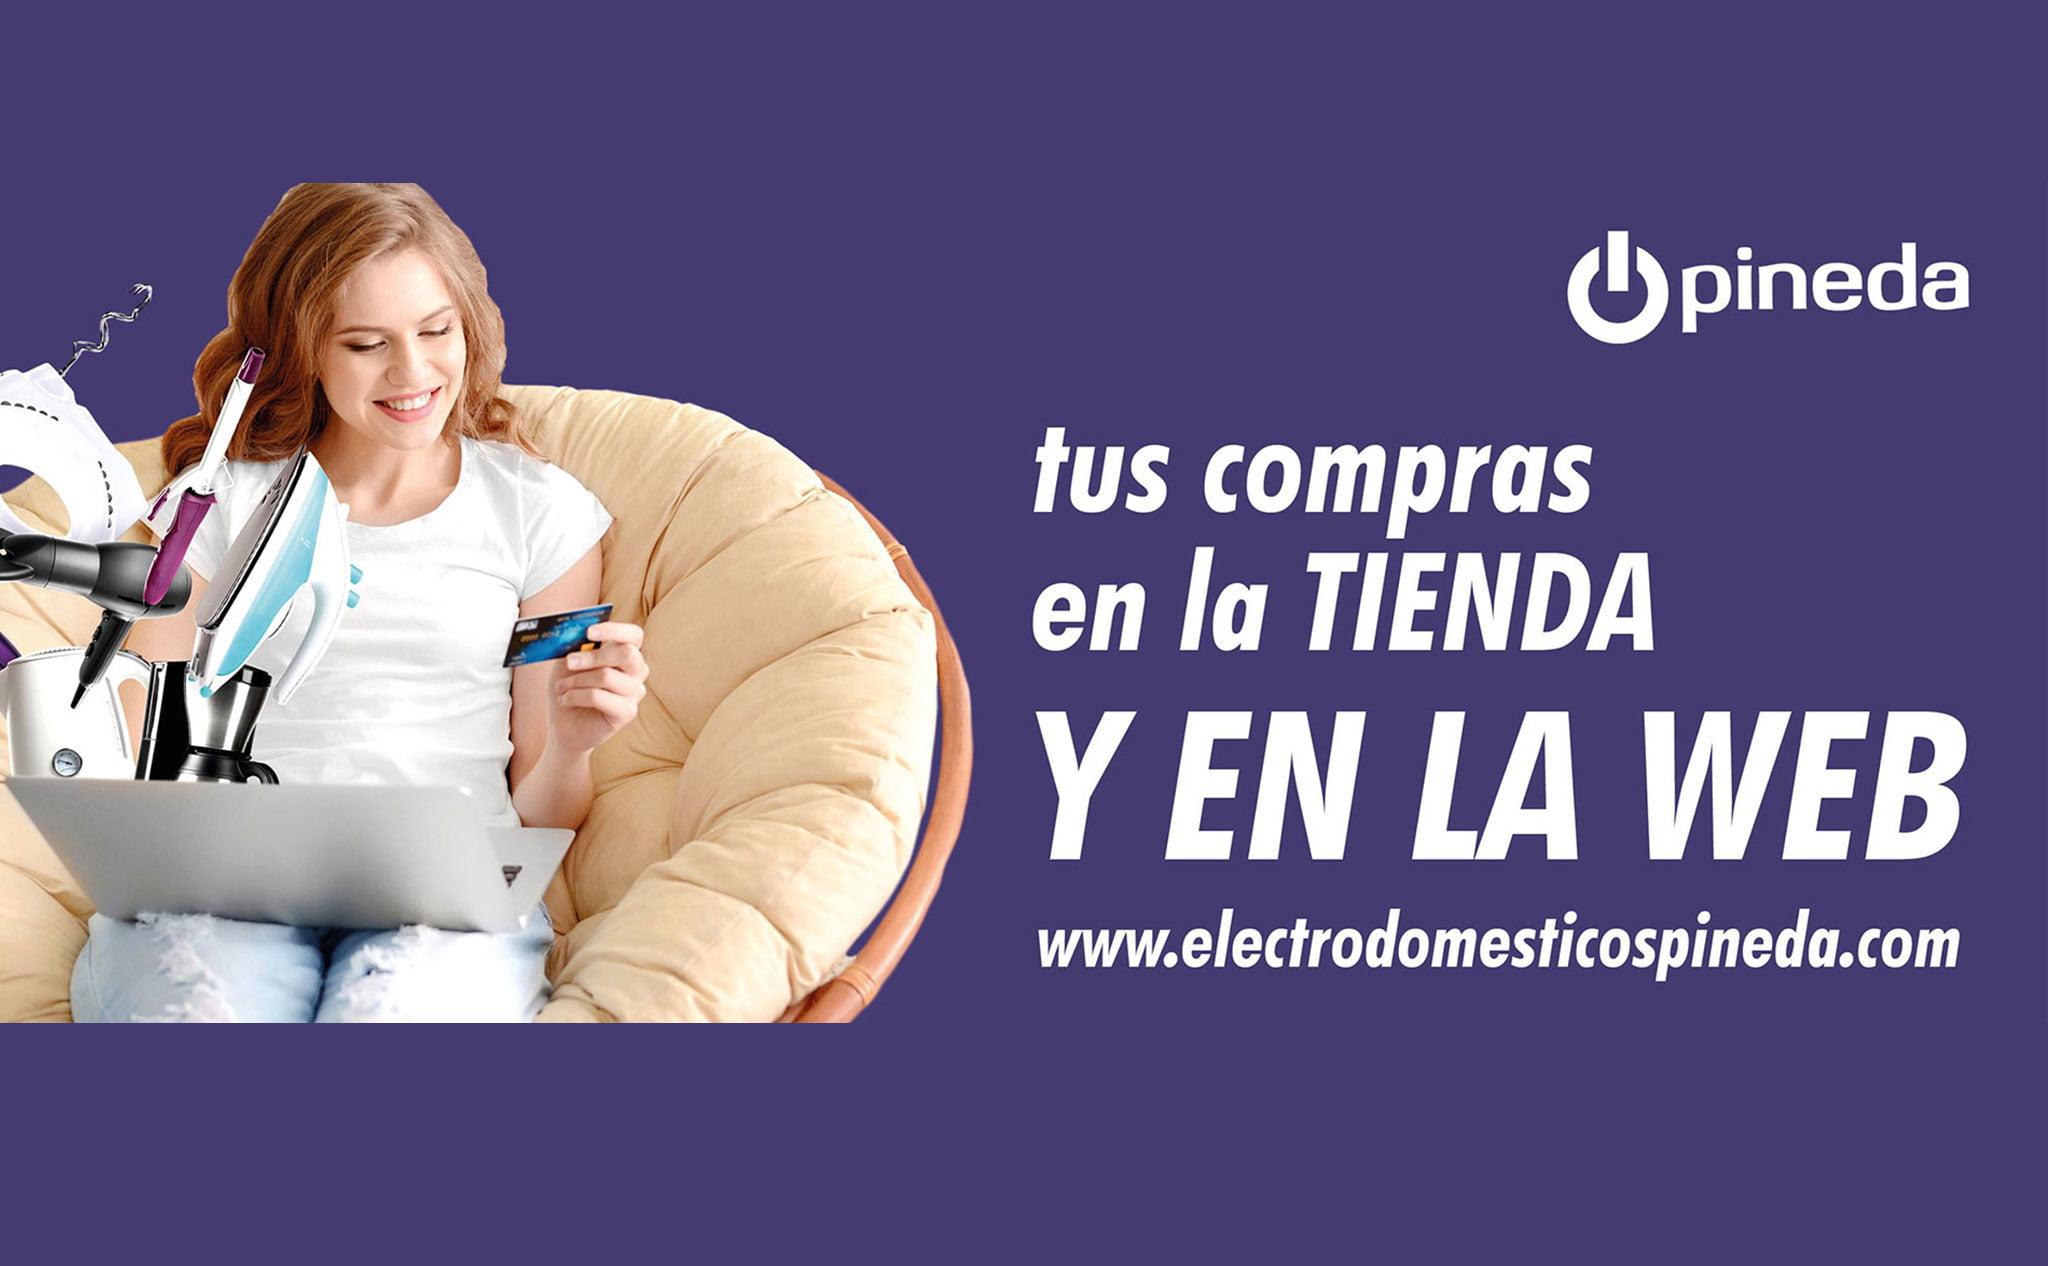 Entra en la web de Electrodomésticos Pineda y realiza con comodidad tus compras